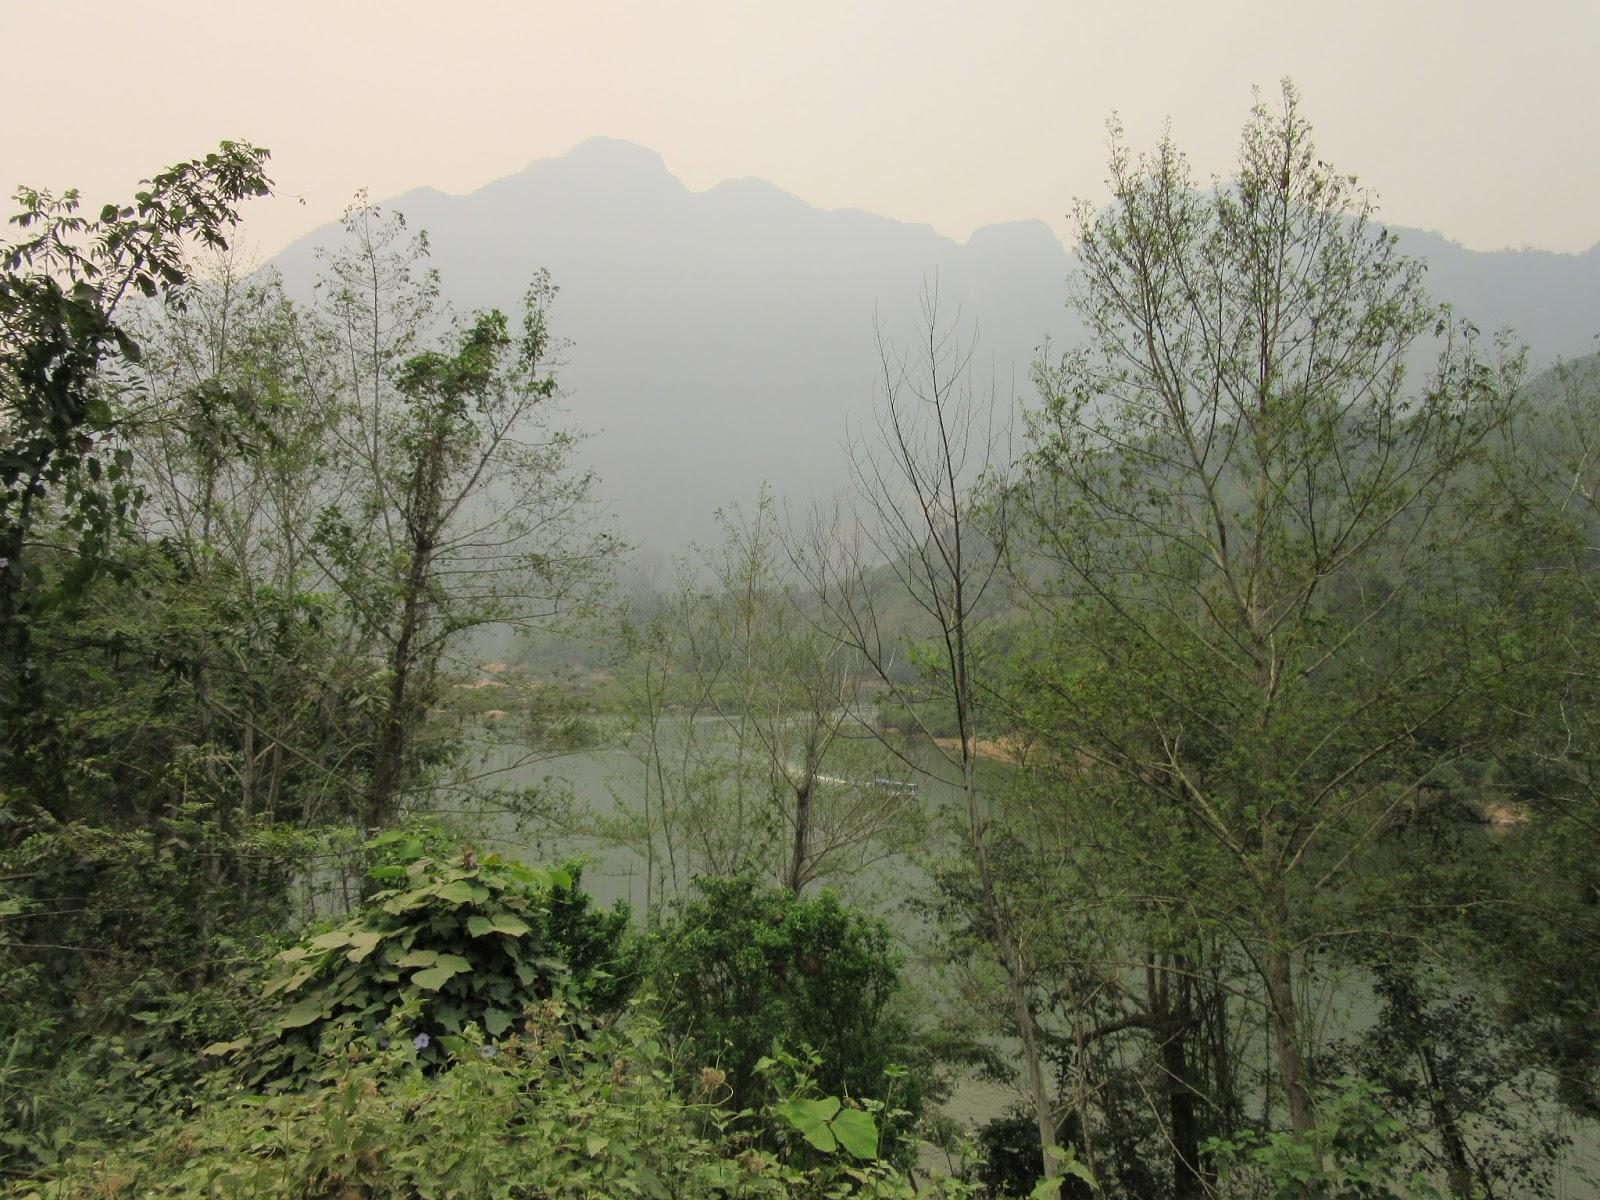 Alrededores de Nong Khiaw, Laos